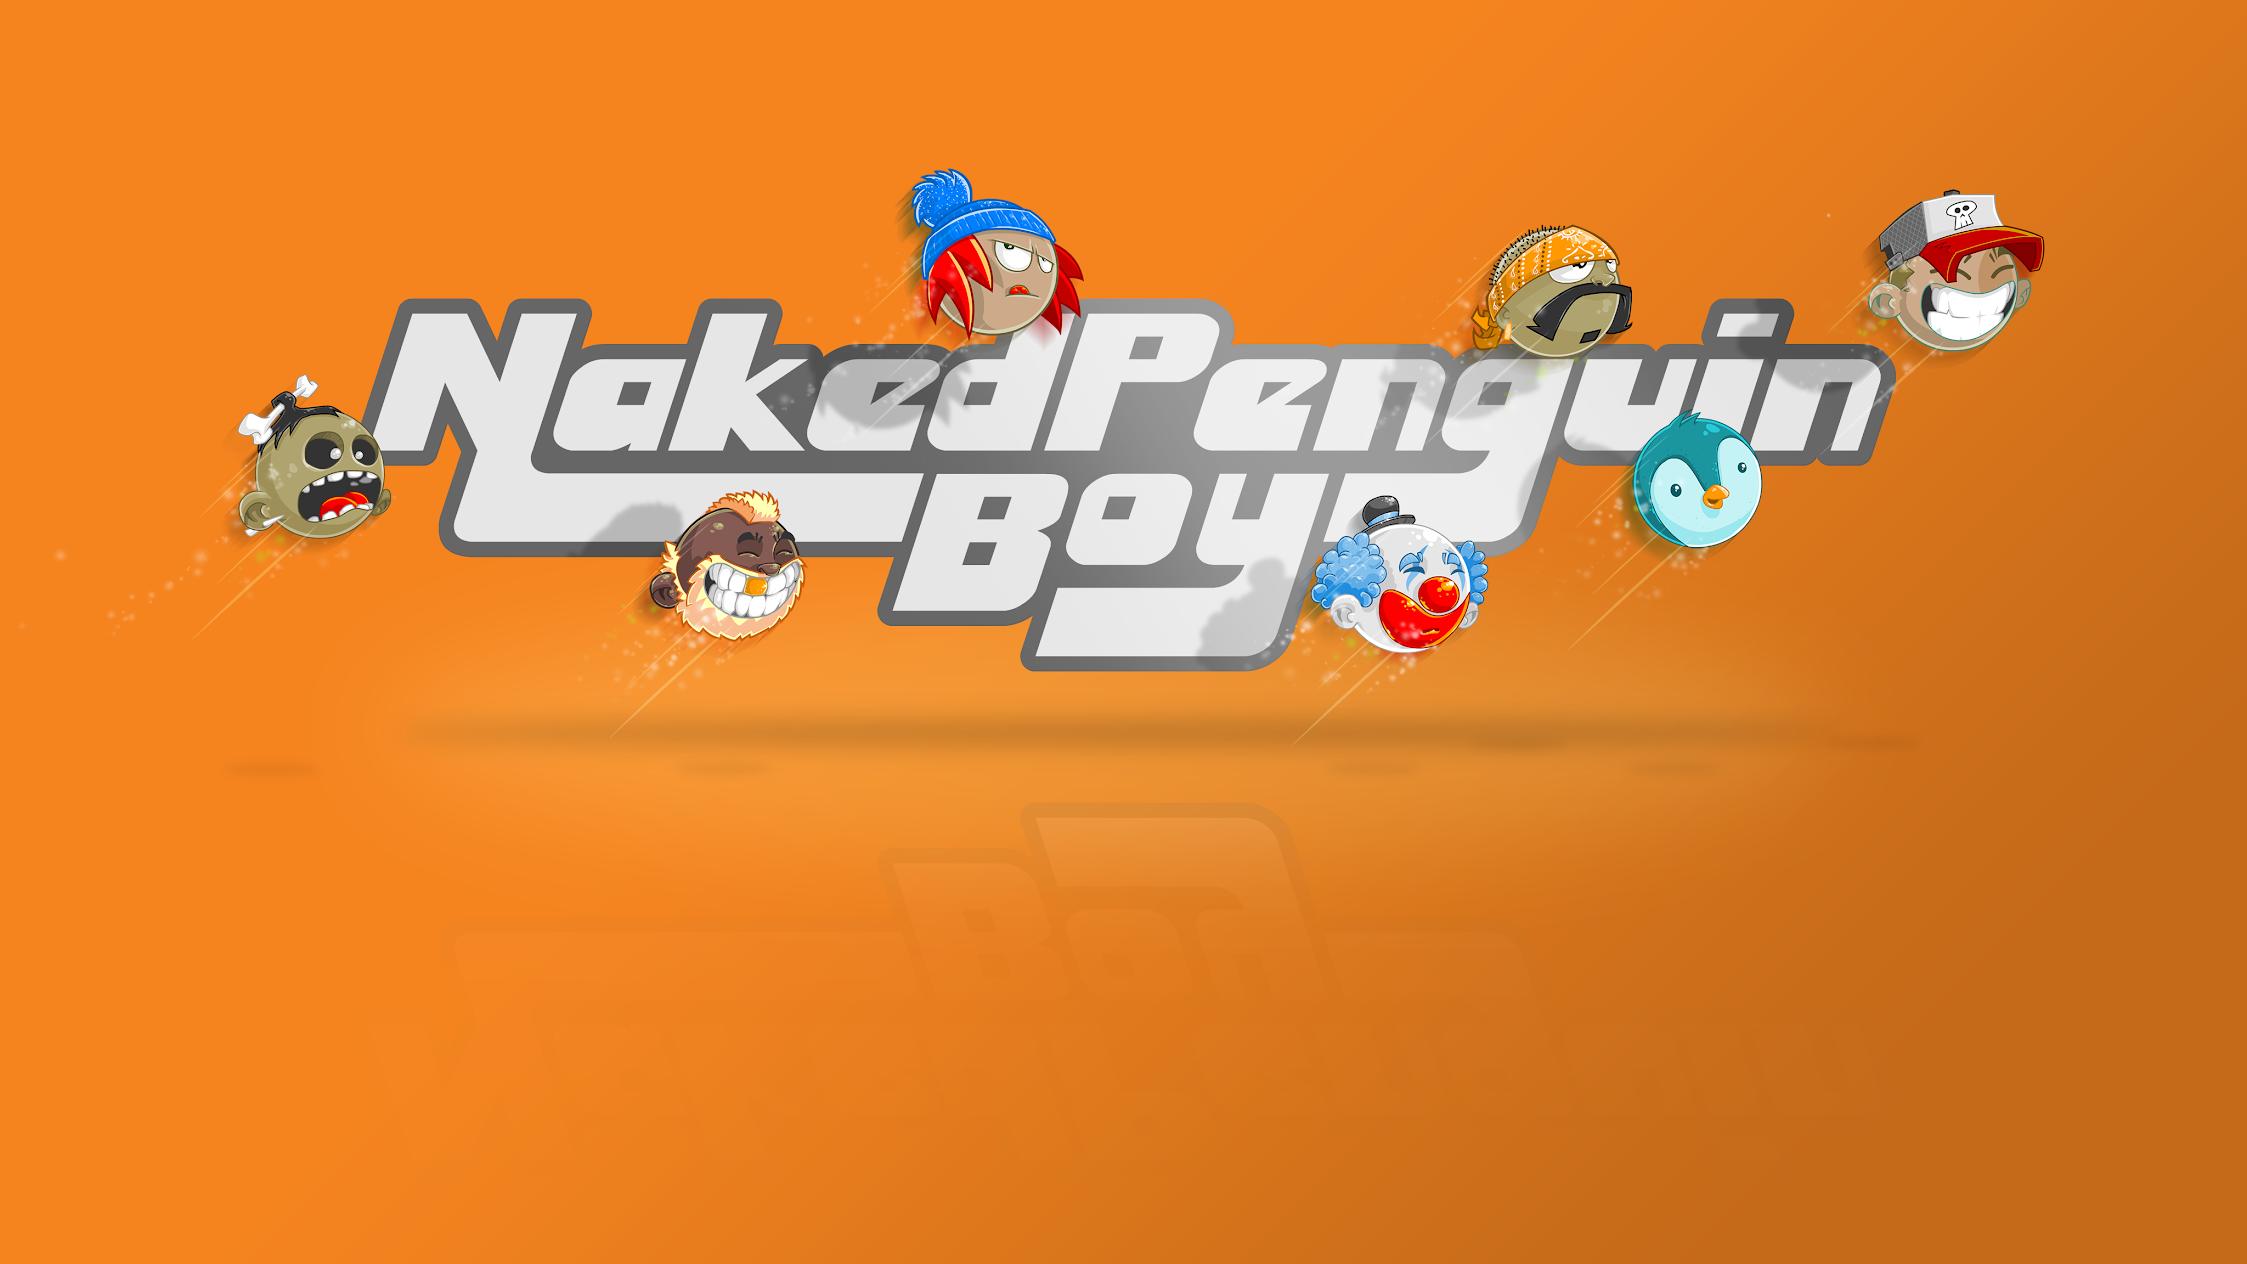 Naked Penguin Boy UK